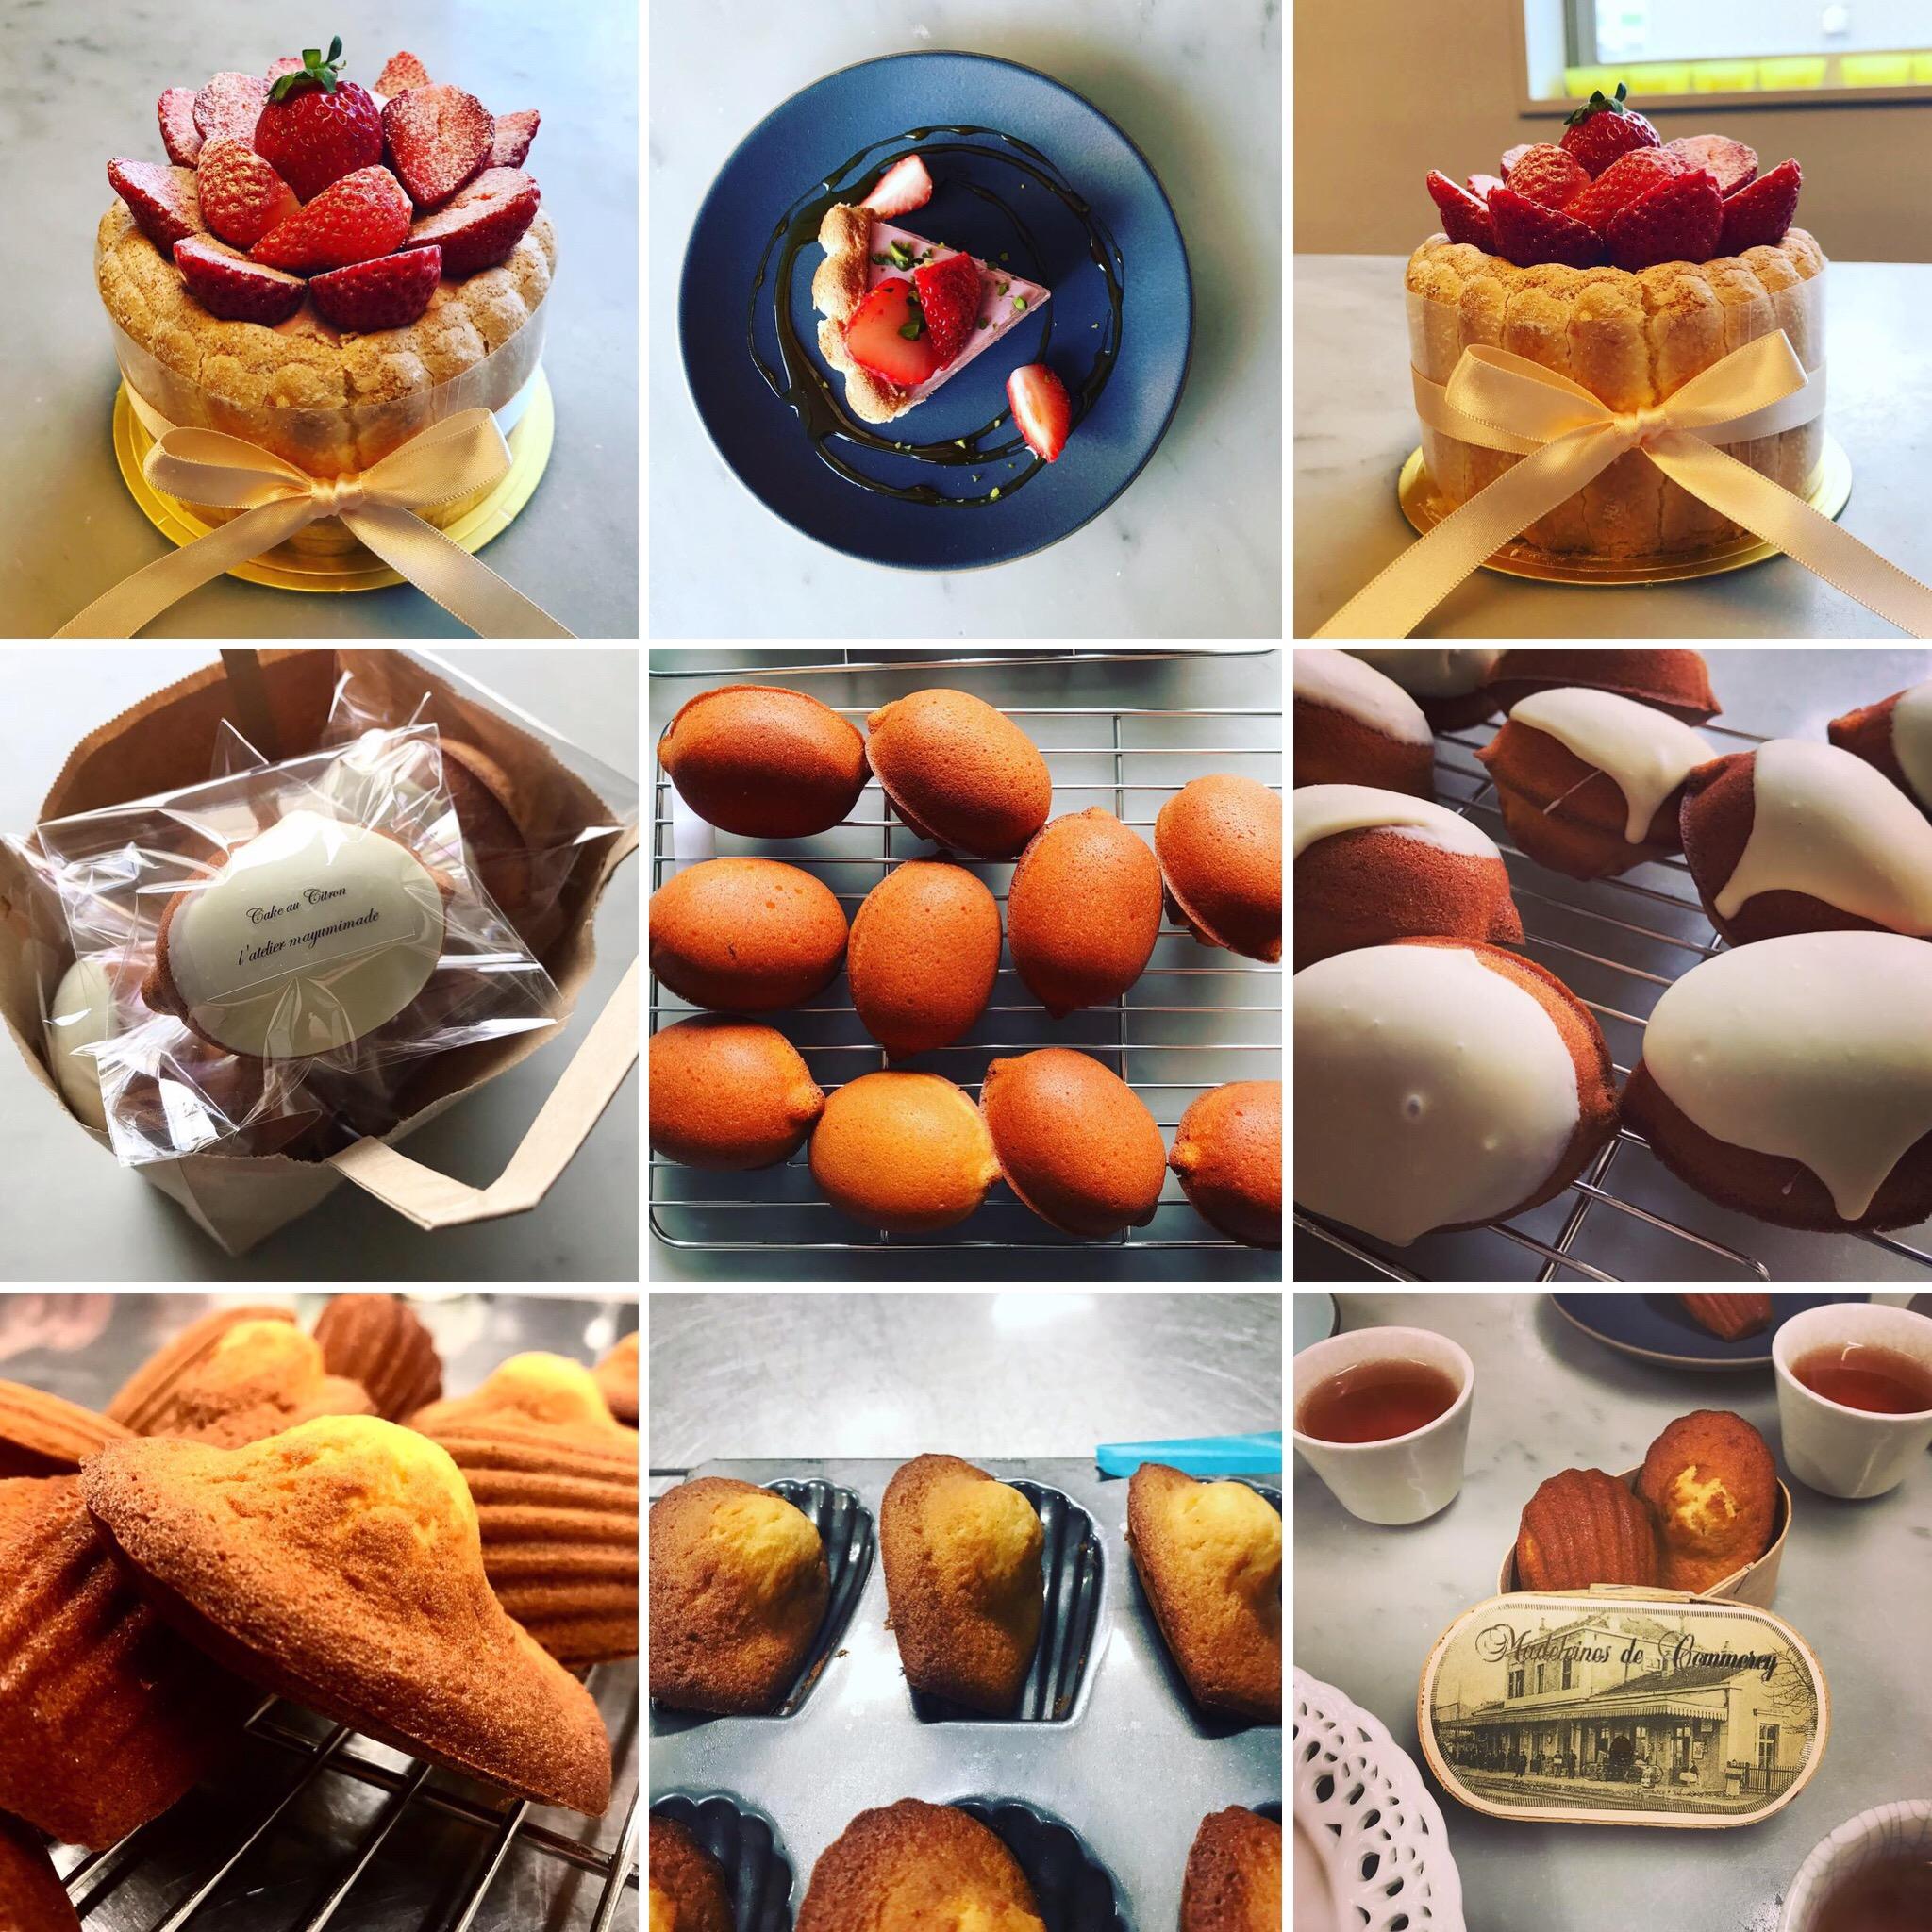 人妻さん日誌:昨日は、朝昼夜とお菓